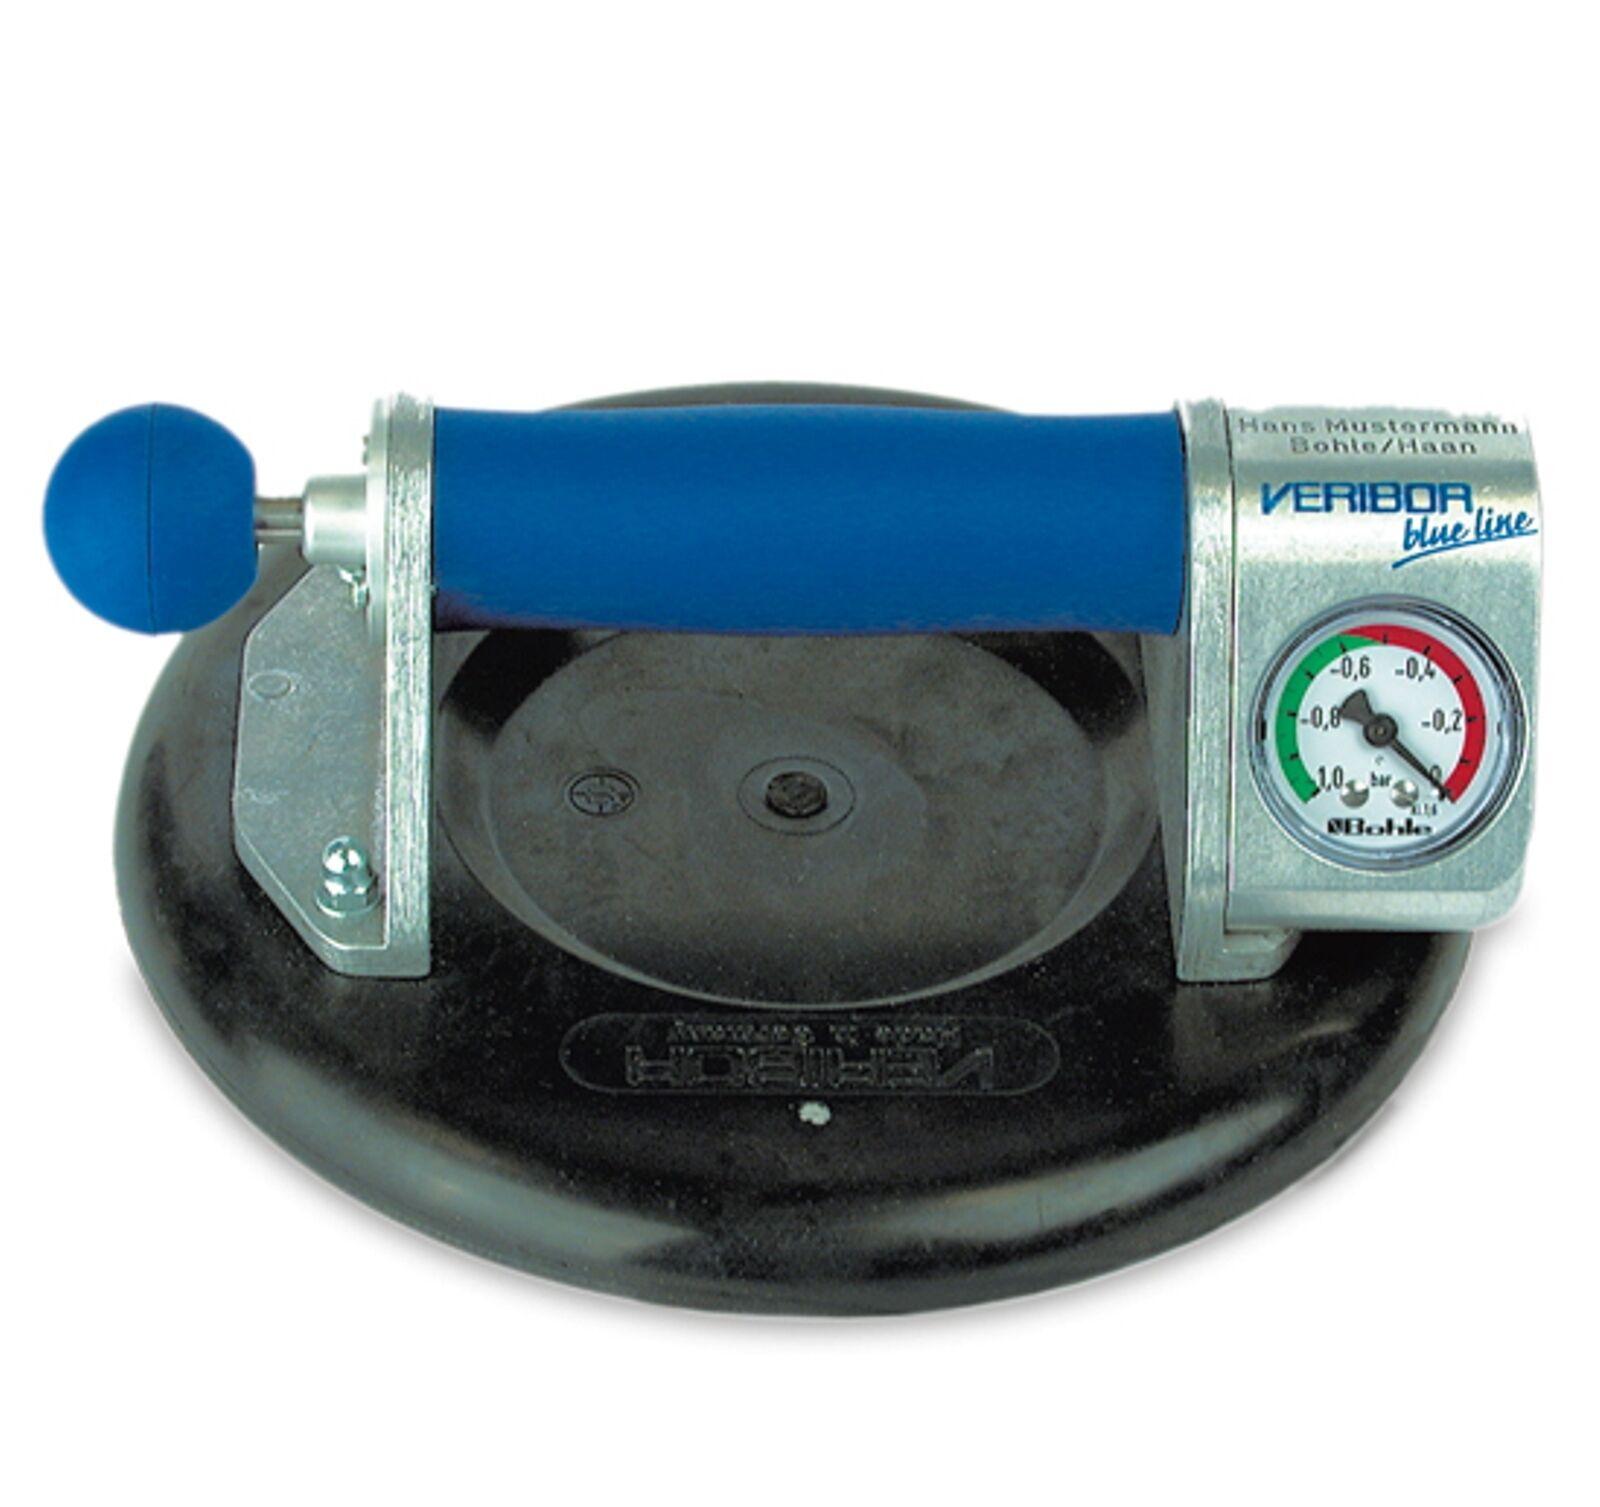 Veribor® Blau line Zugpumpensauger mit Manometer, im Koffer, Sauger,